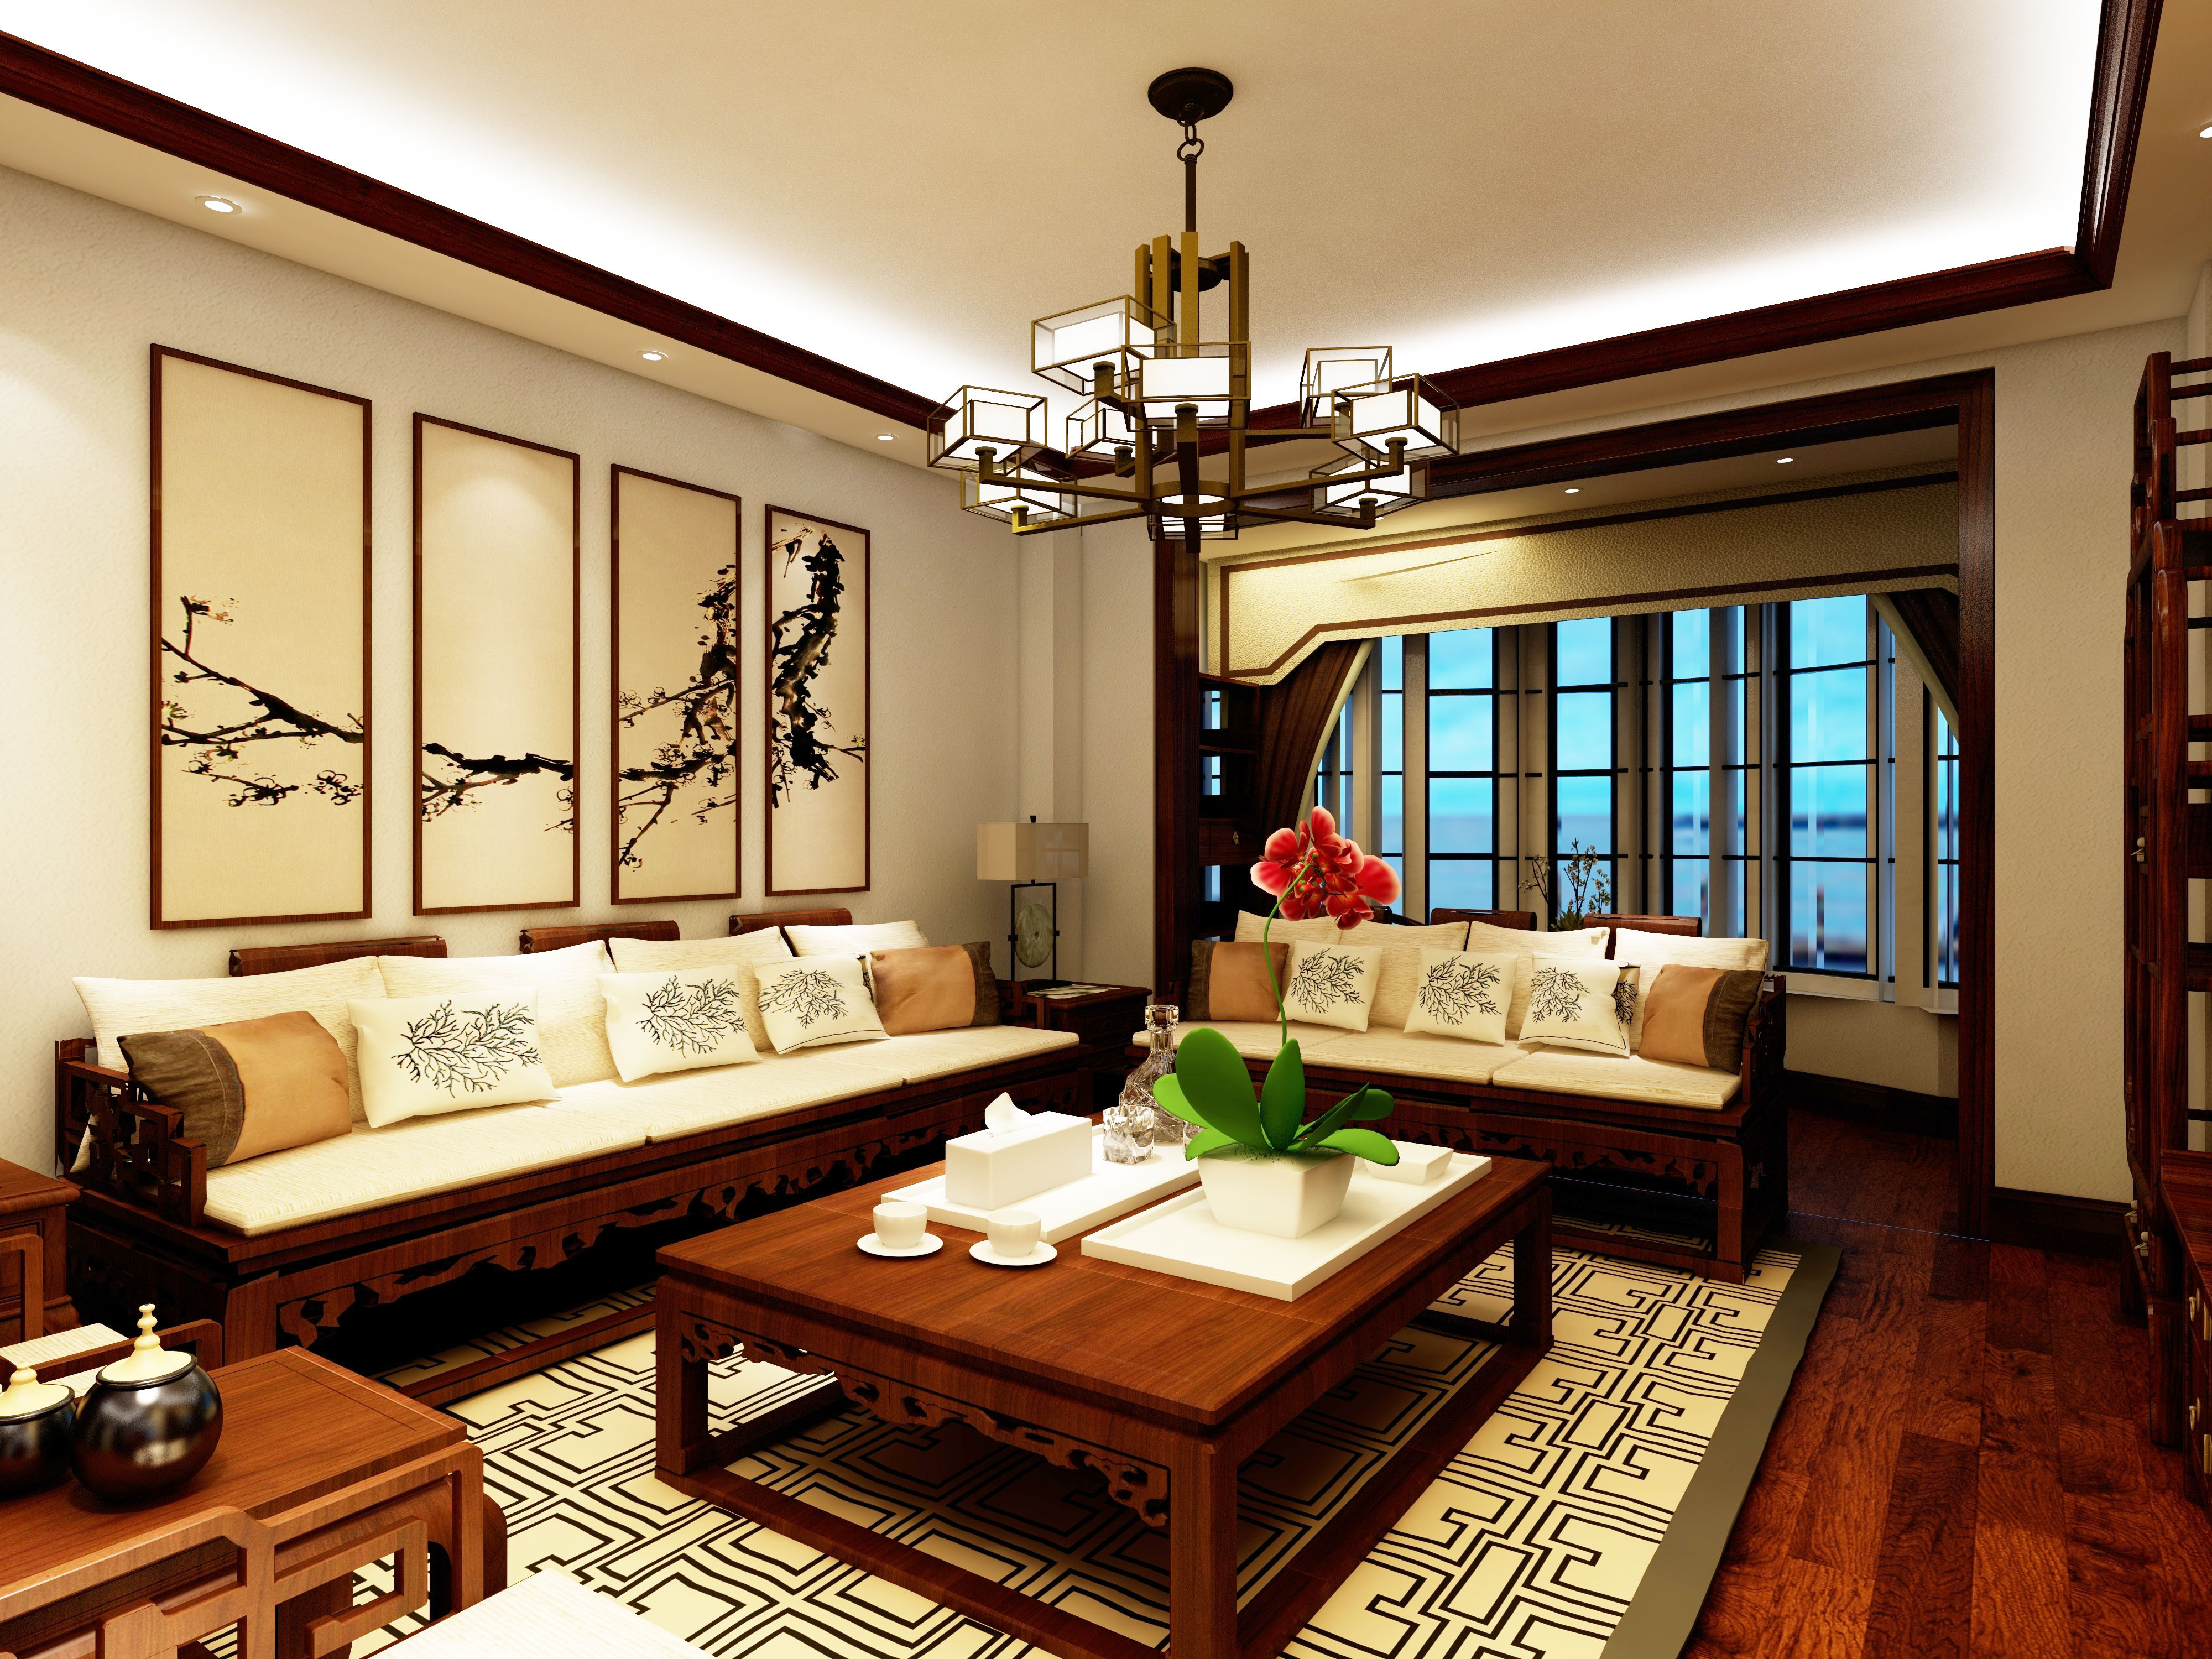 古色古香中式装修沙发背景墙图片